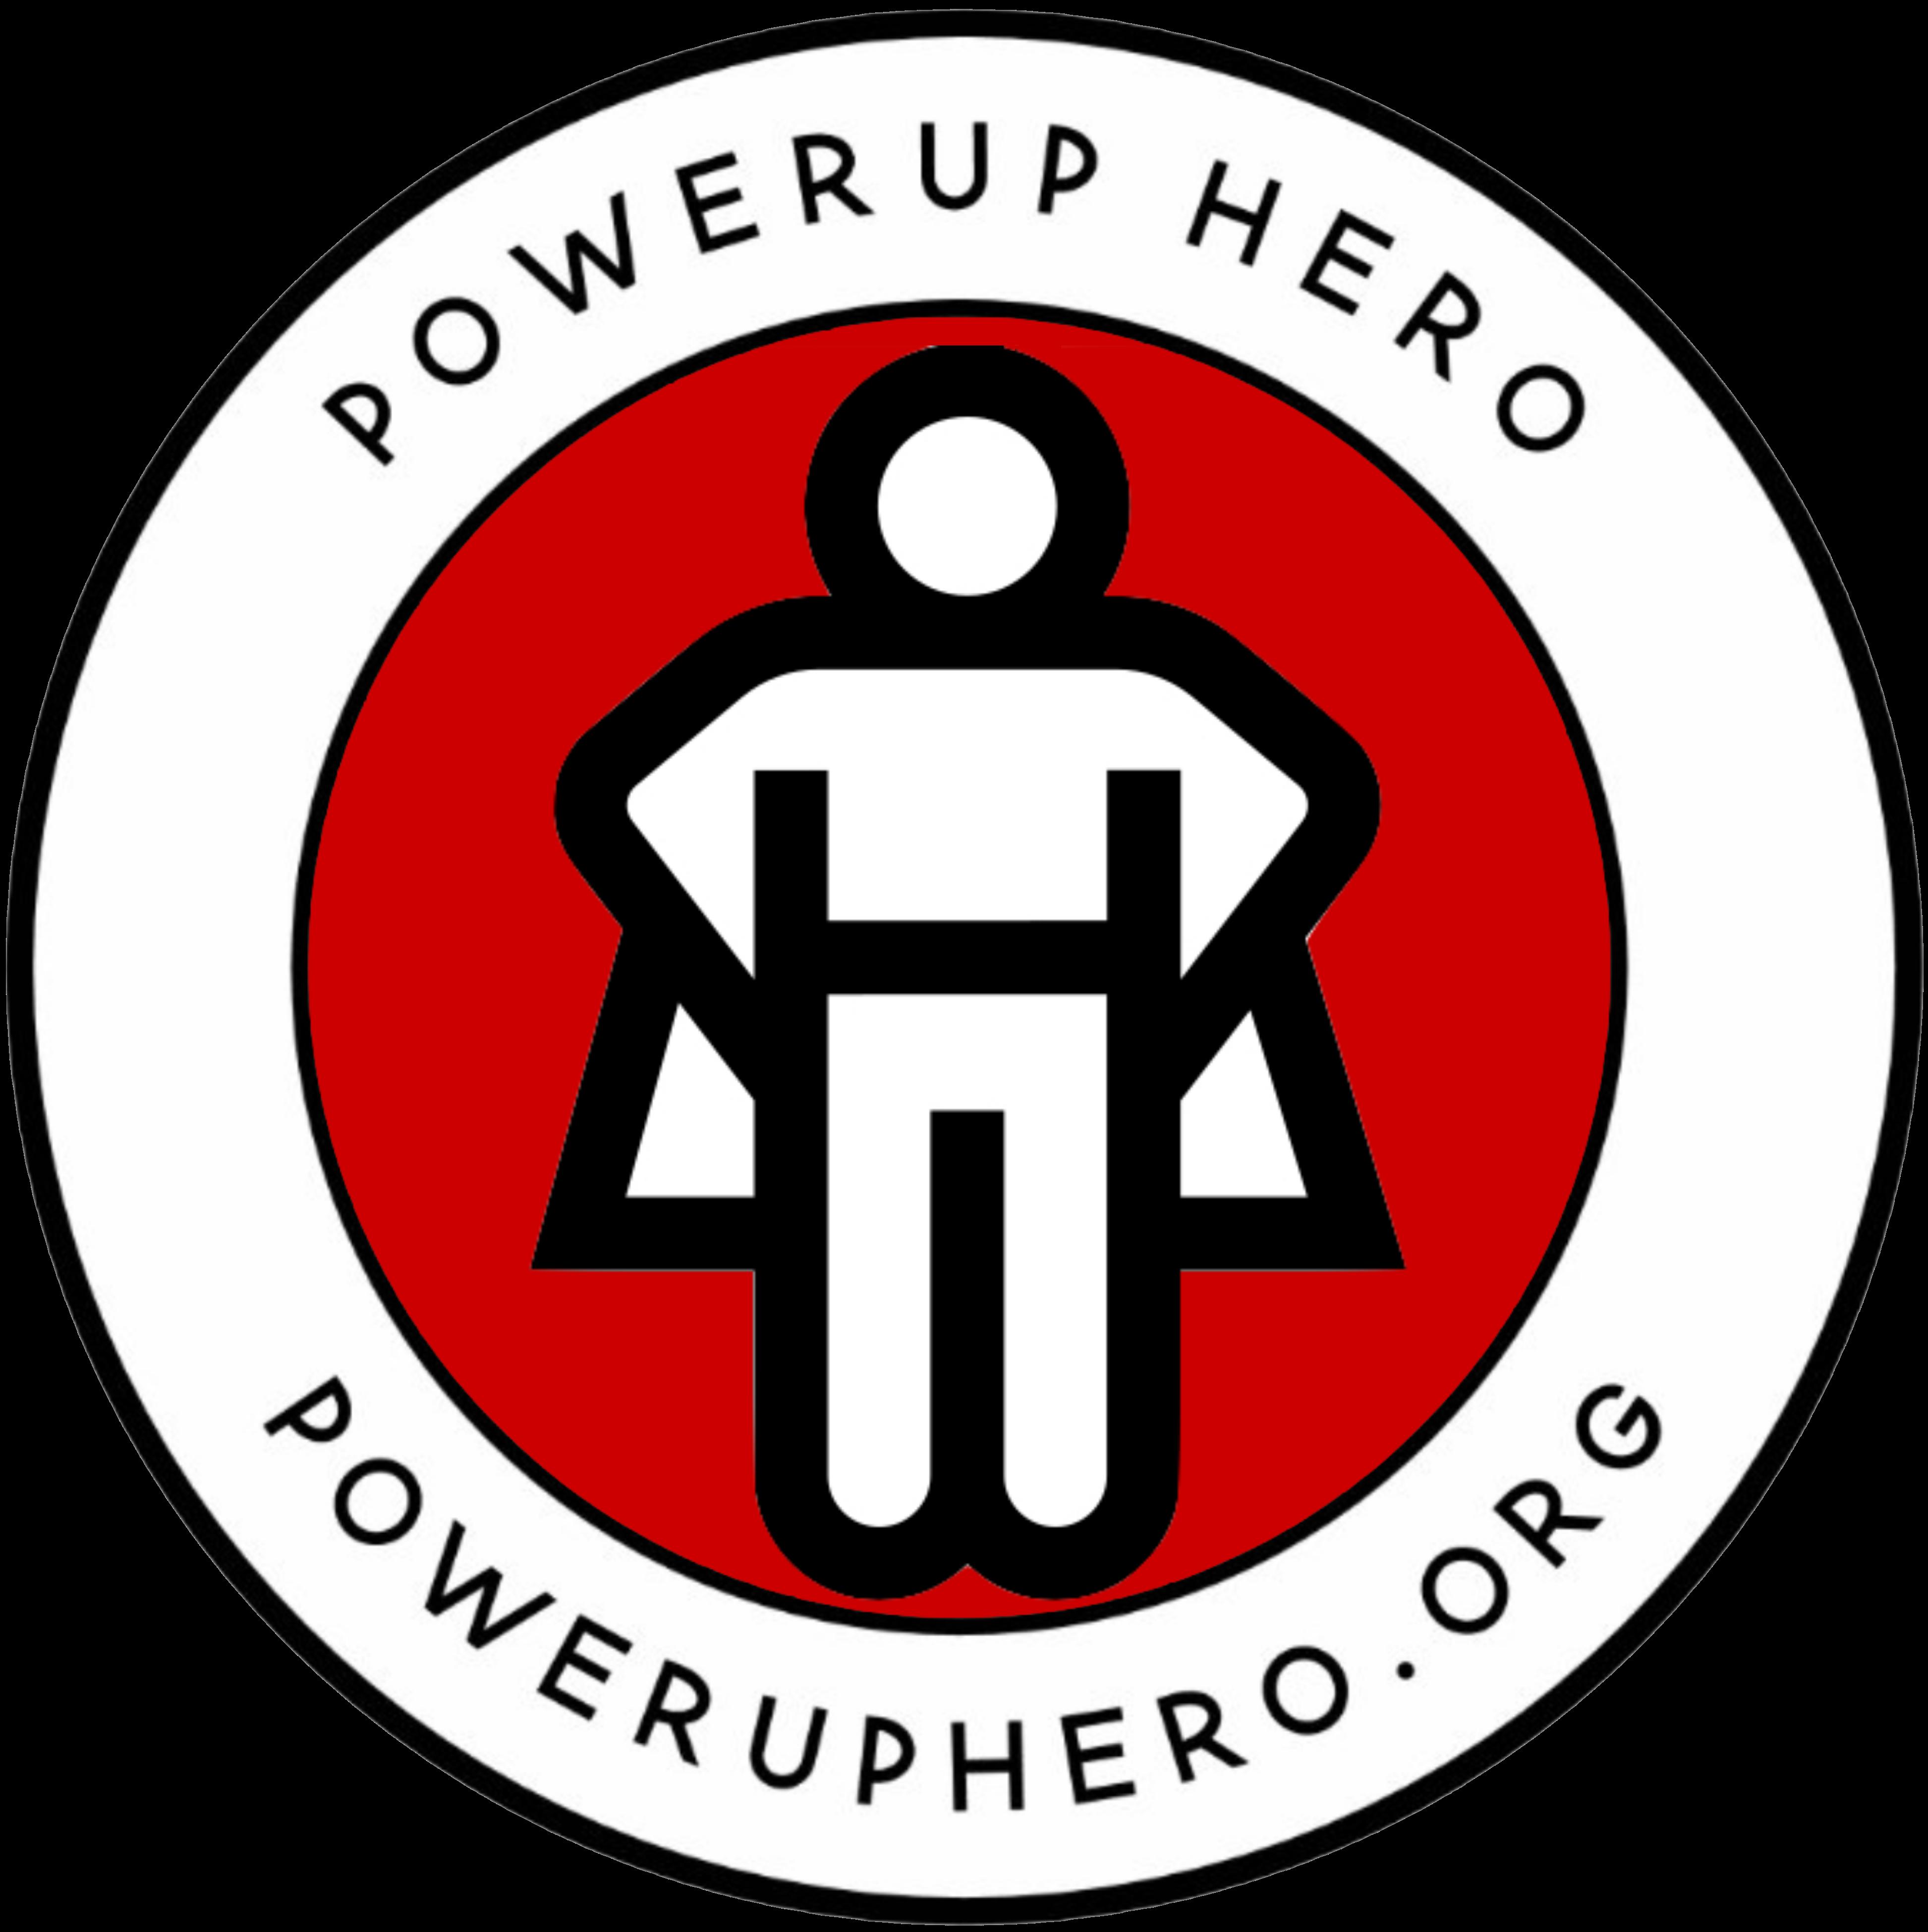 PowerUp Hero